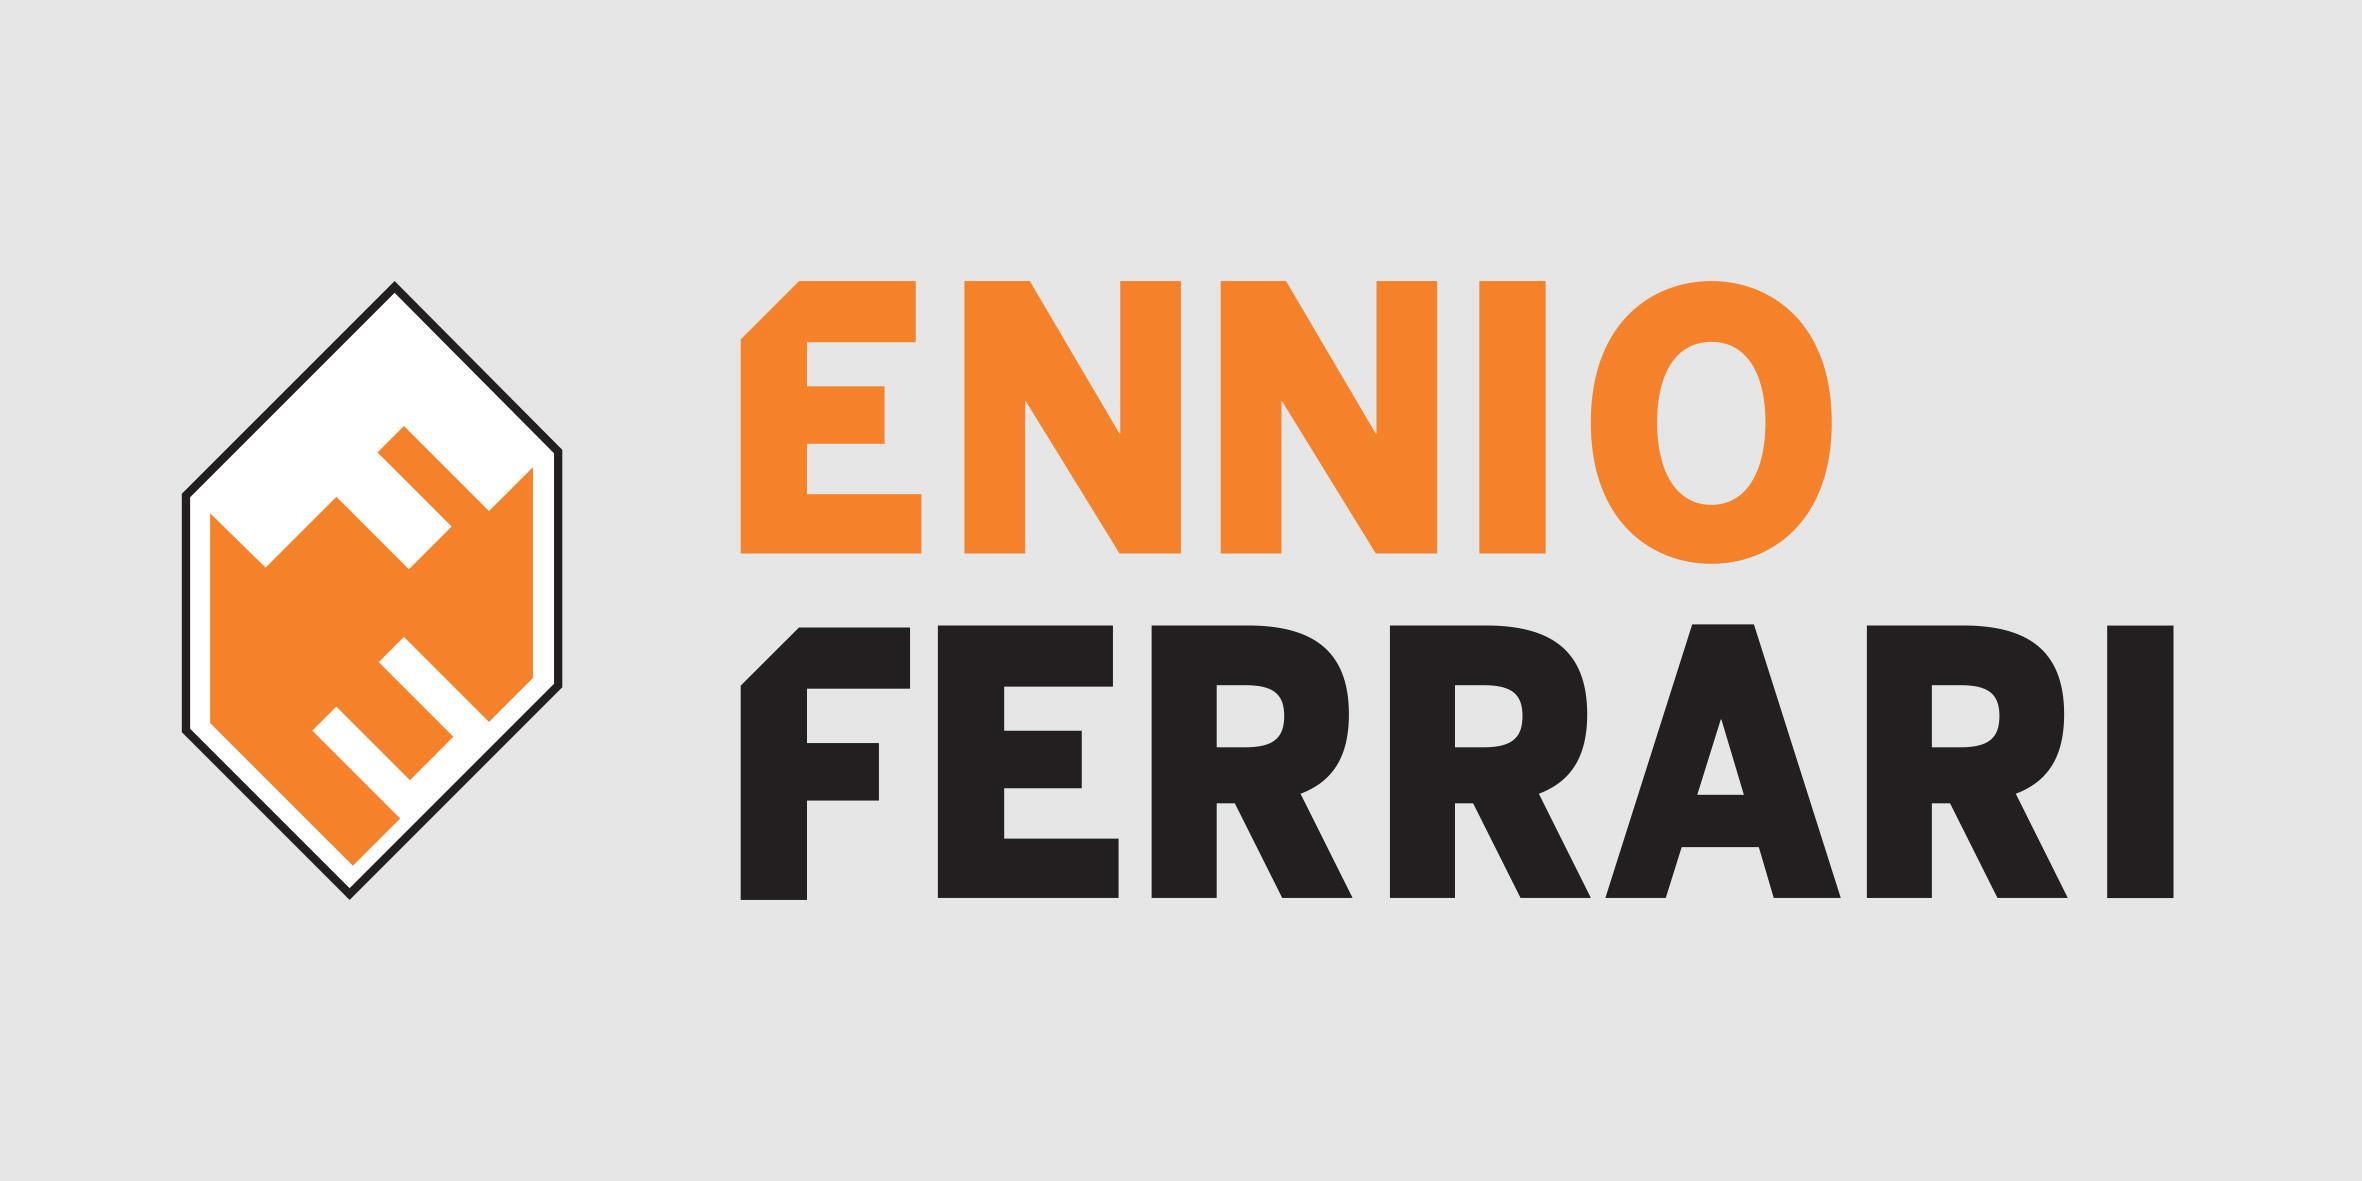 ENNIO-FERRARI_logotipo_nuovo.jpg